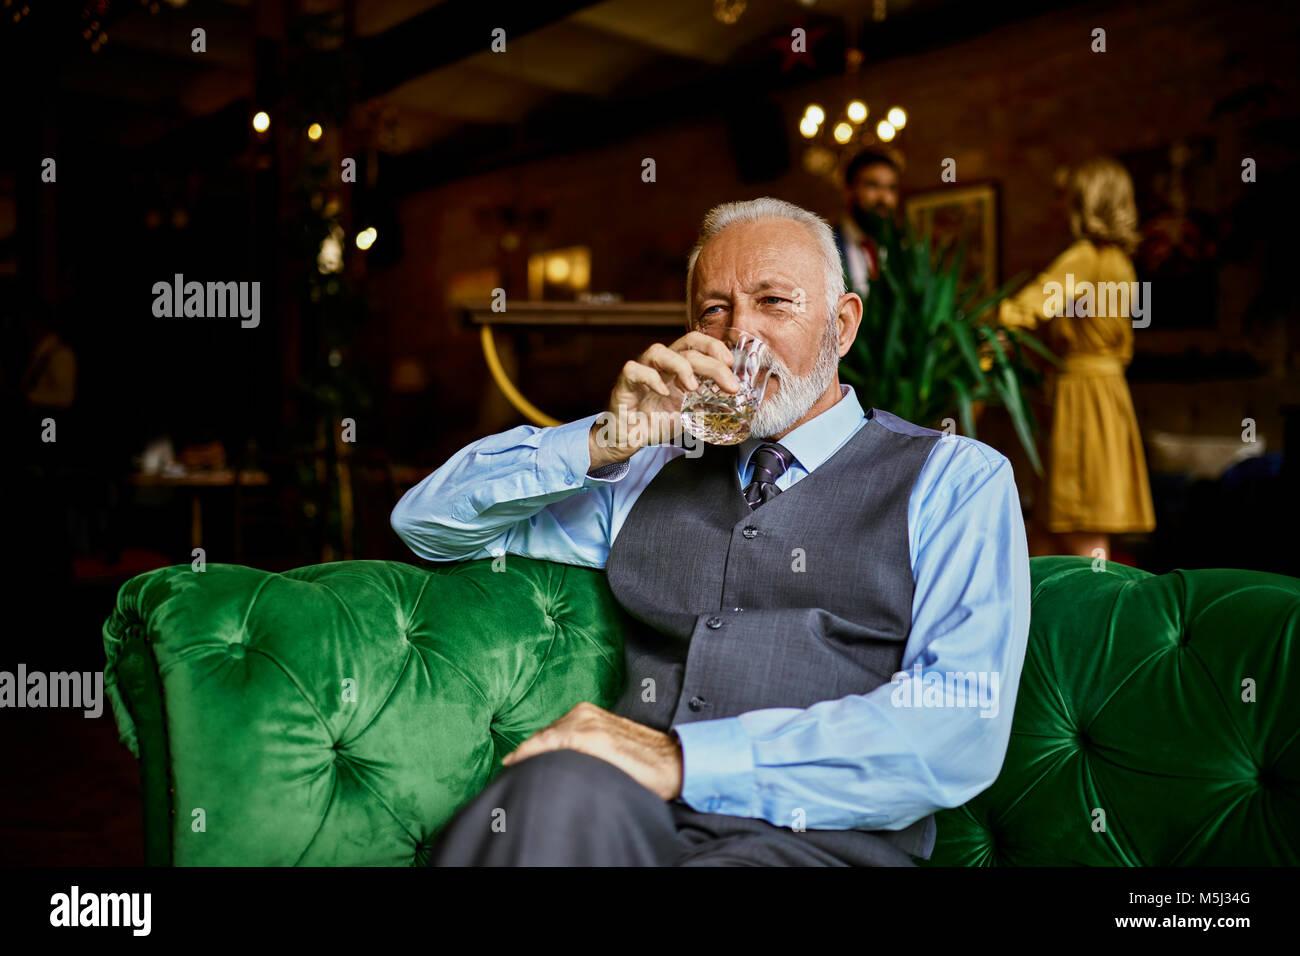 Ritratto di senior elegante uomo seduto sul lettino in un bar a bere dal bicchiere Immagini Stock